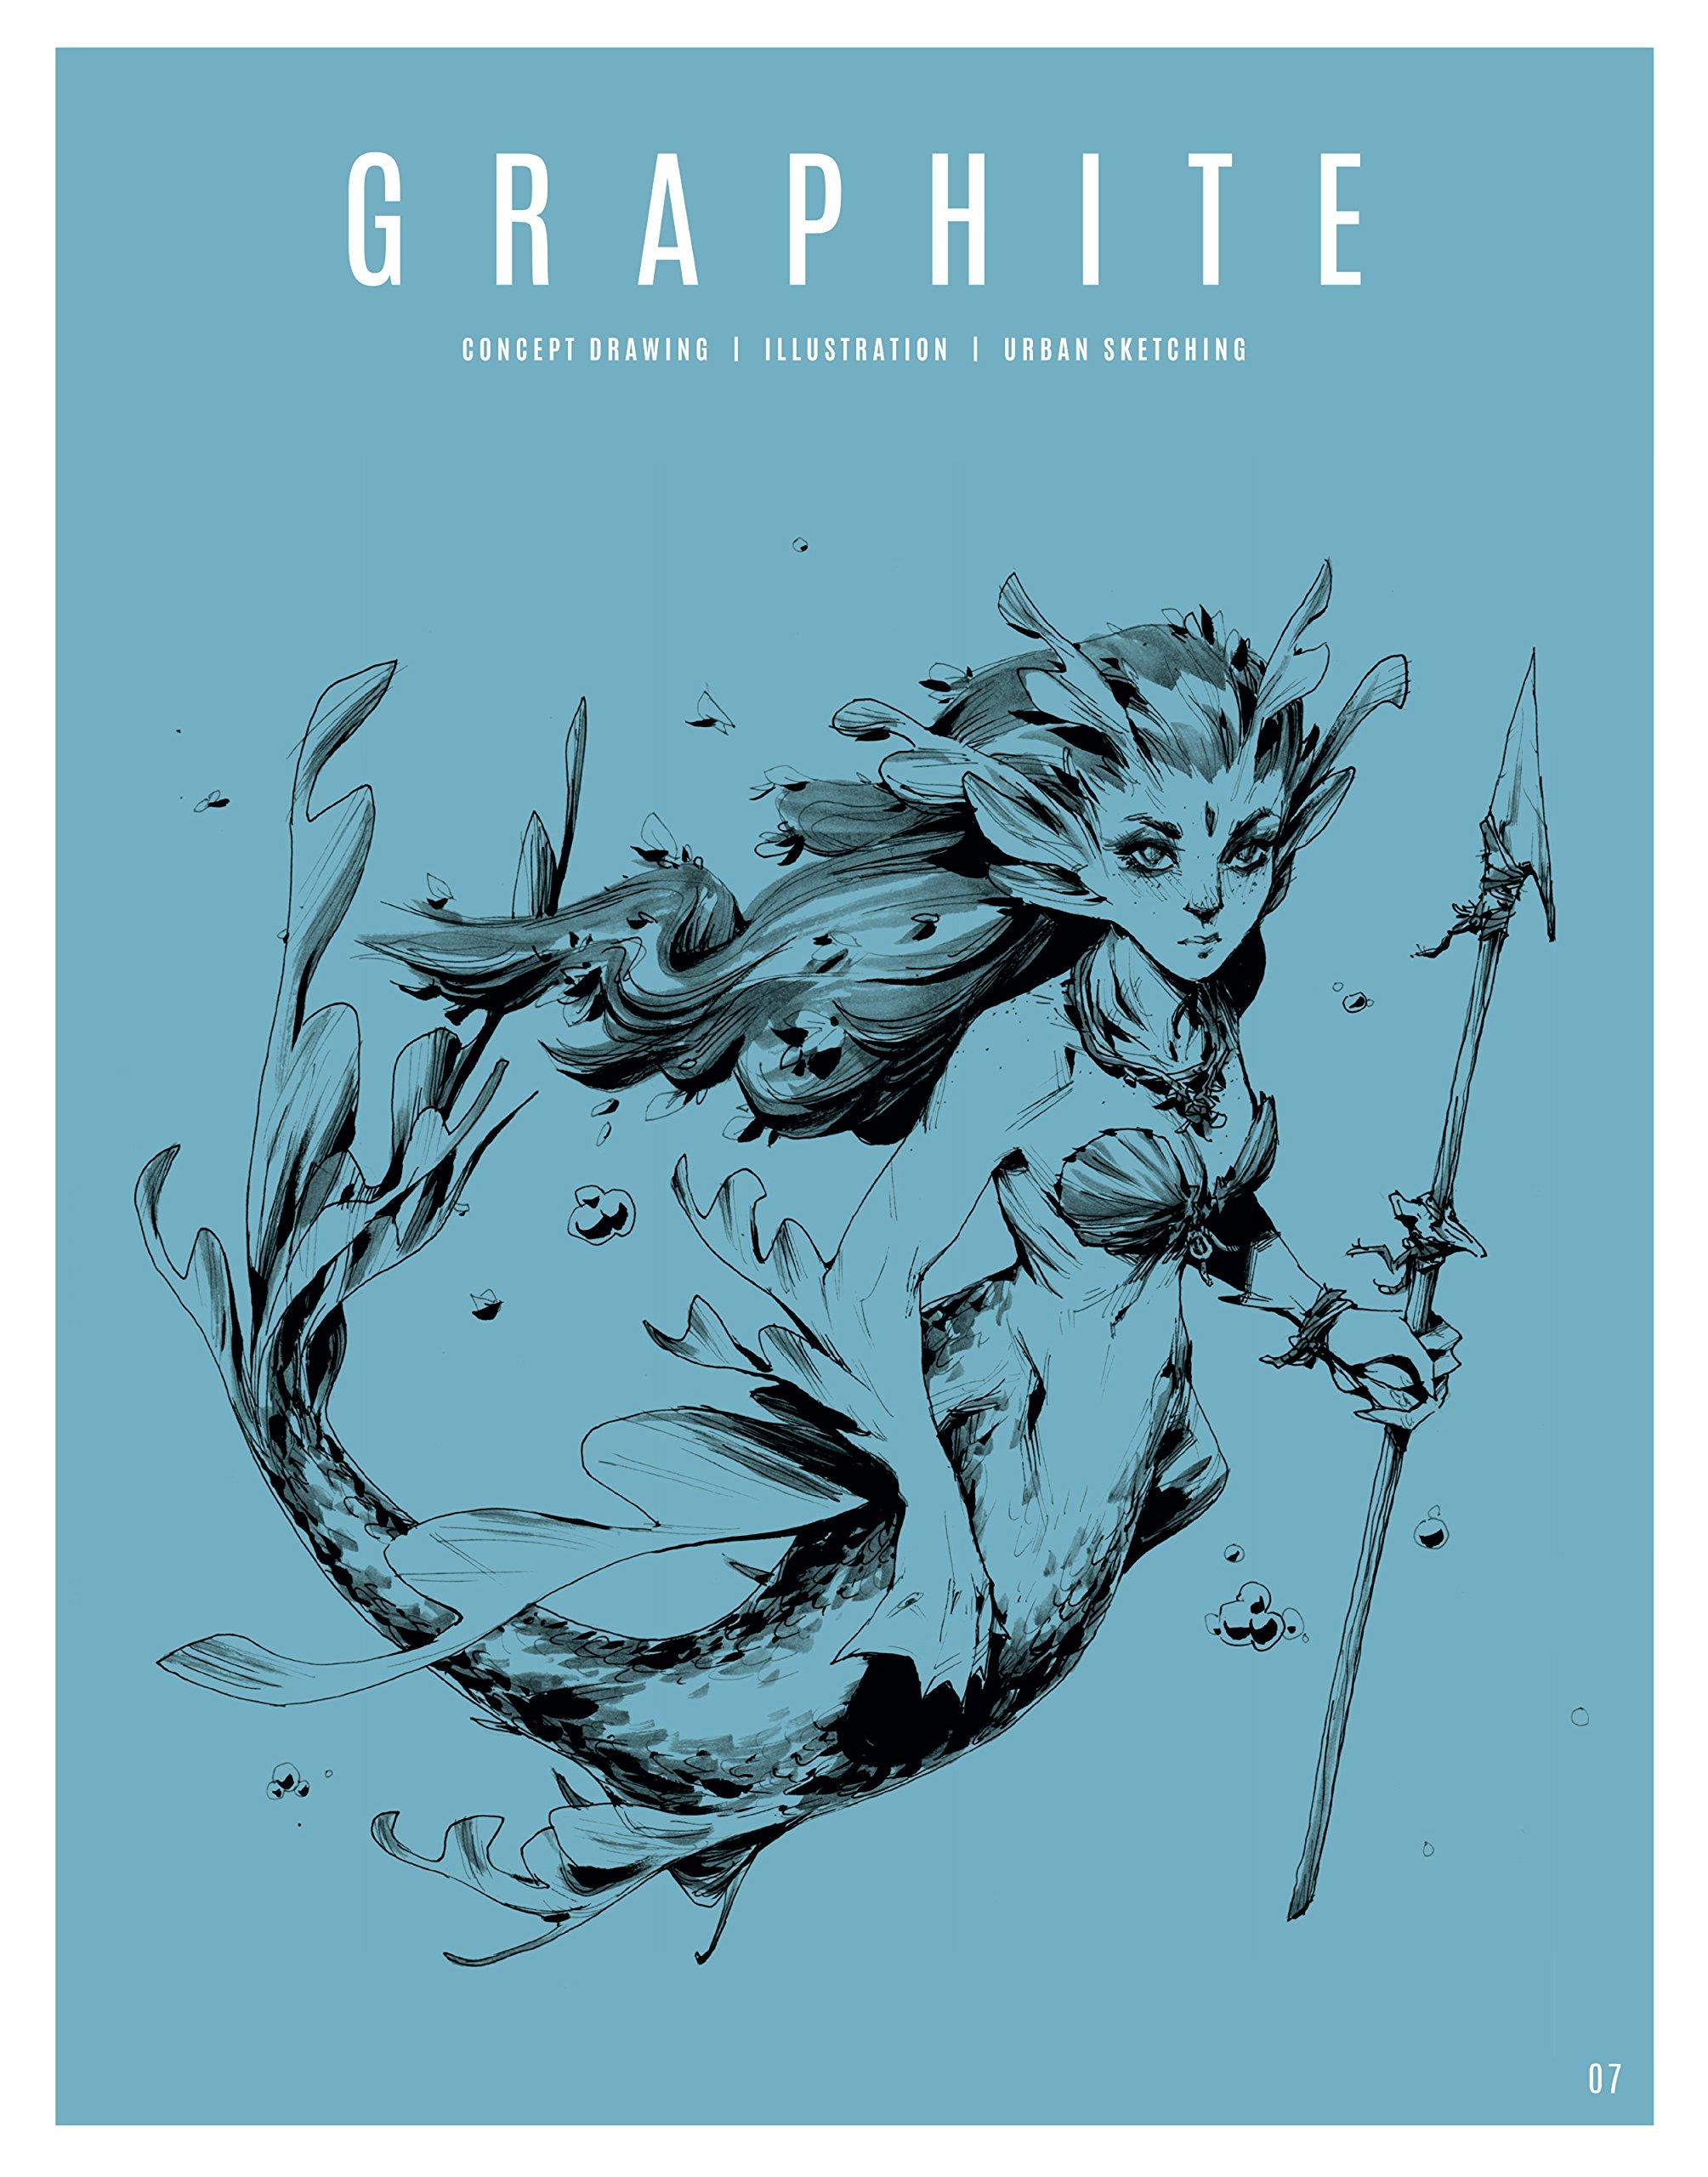 GRAPHITE 7